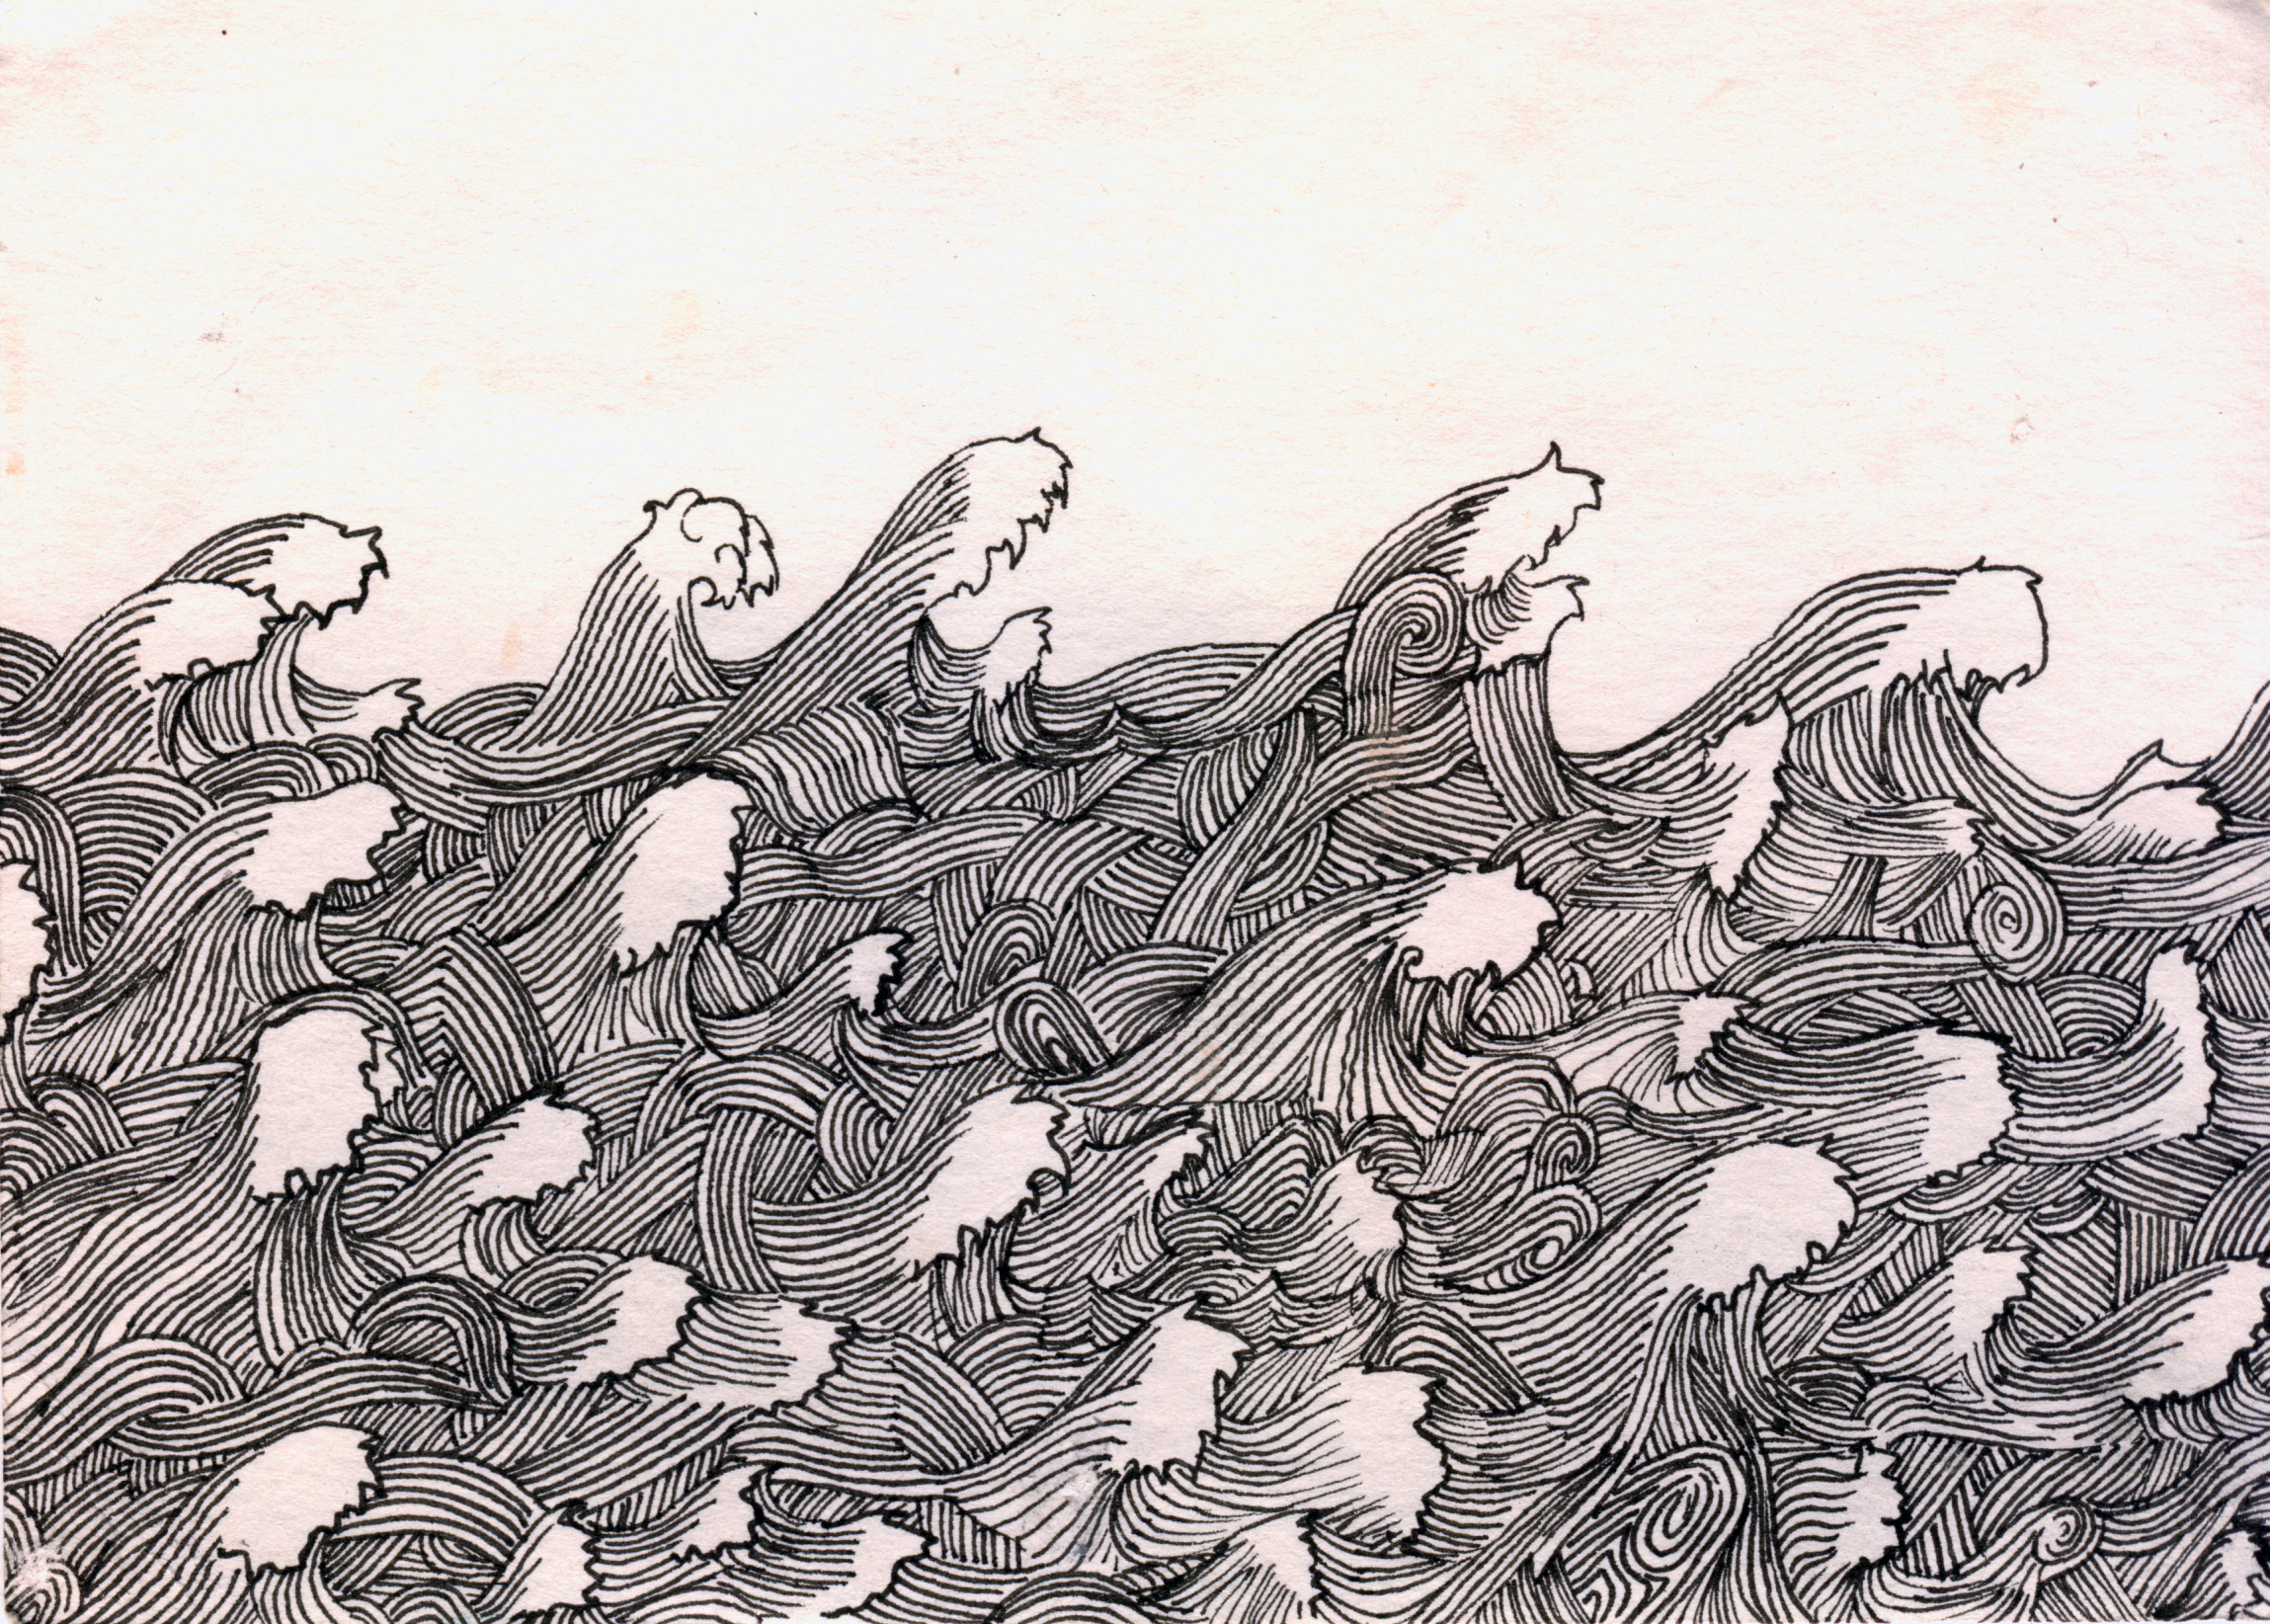 Black Fine Liner on Acid Free Paper - 2005